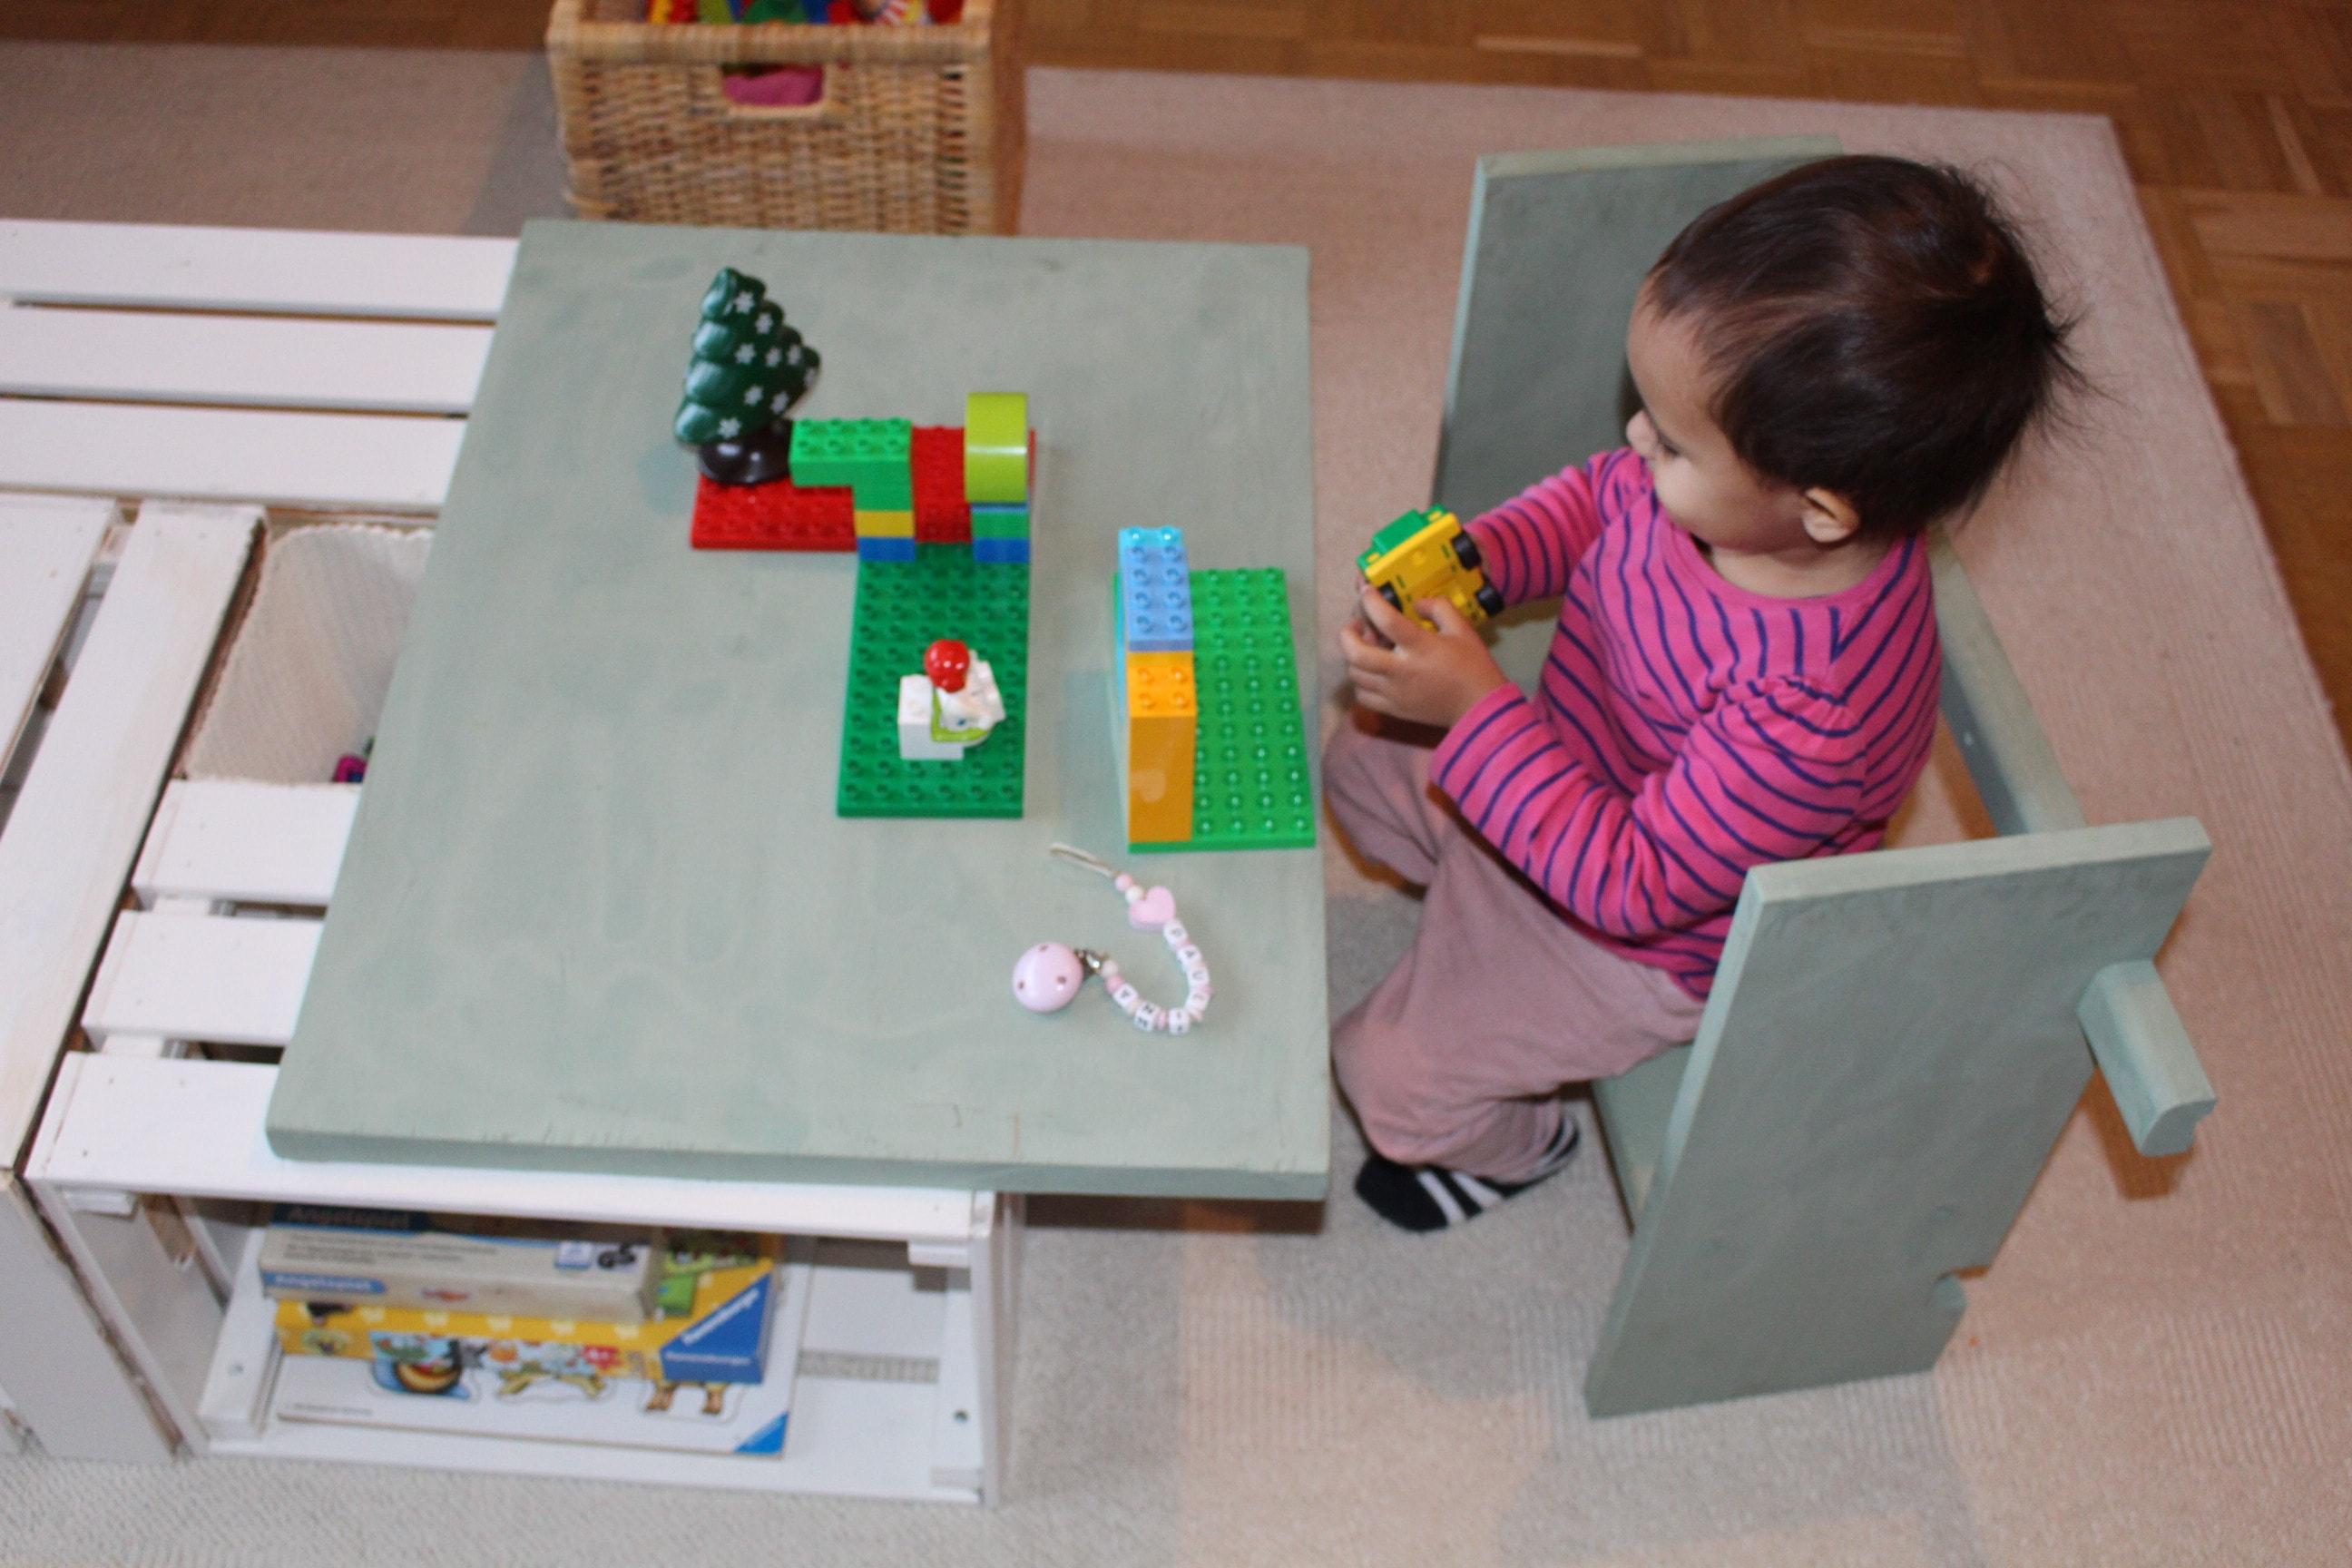 kinder spieltisch aus alten obstkisten selber bauen welt. Black Bedroom Furniture Sets. Home Design Ideas